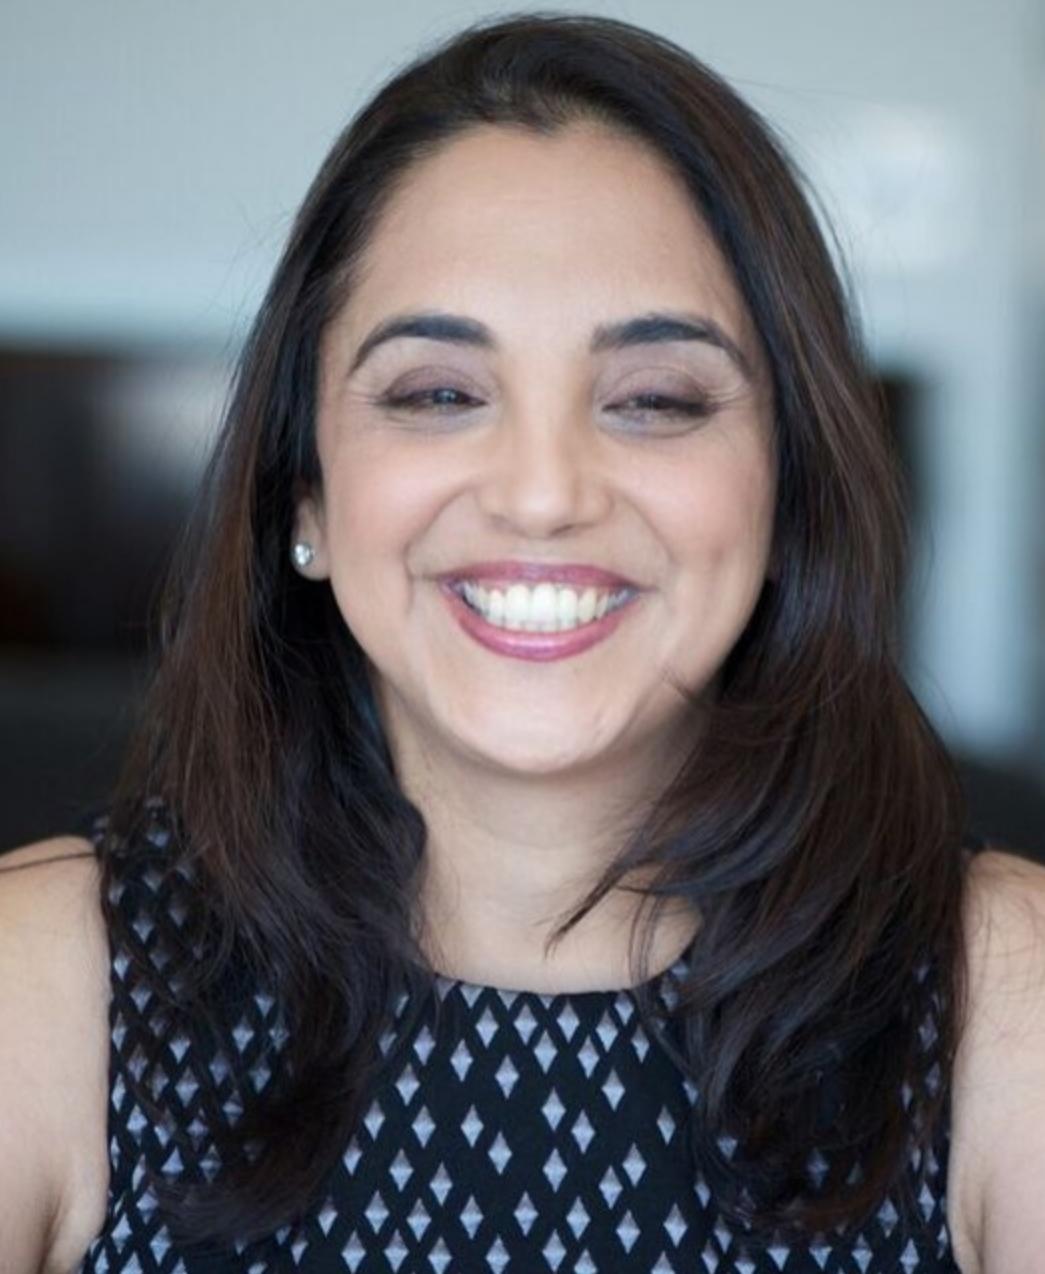 Headshot of Sheena Iyengar